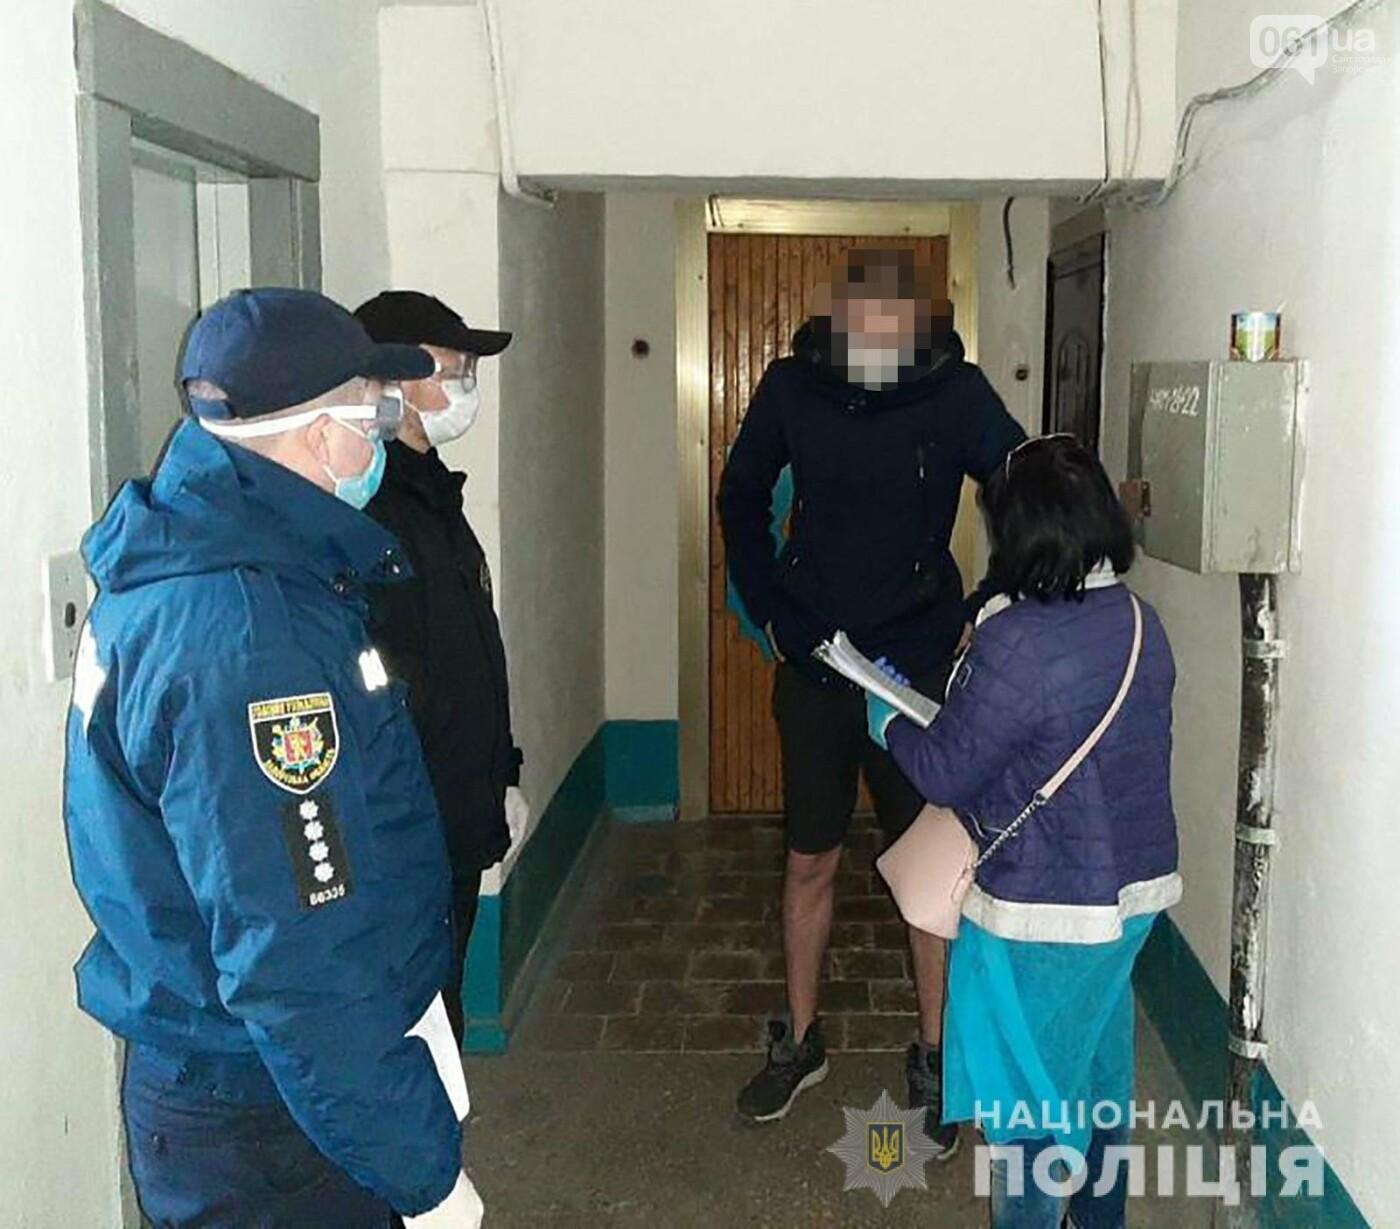 В Запорожье полицейские проверяют соблюдение режима самоизоляции - первые результаты рейда, фото-2